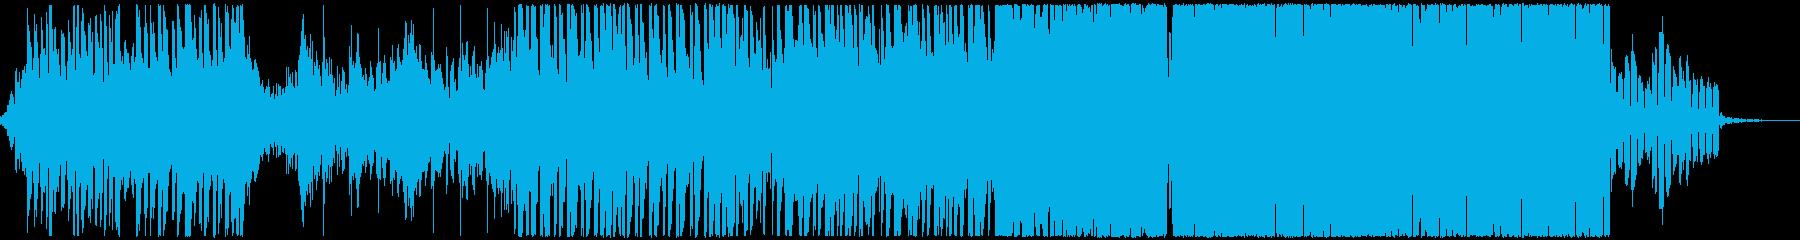 DnBとFutureBassの融合の再生済みの波形